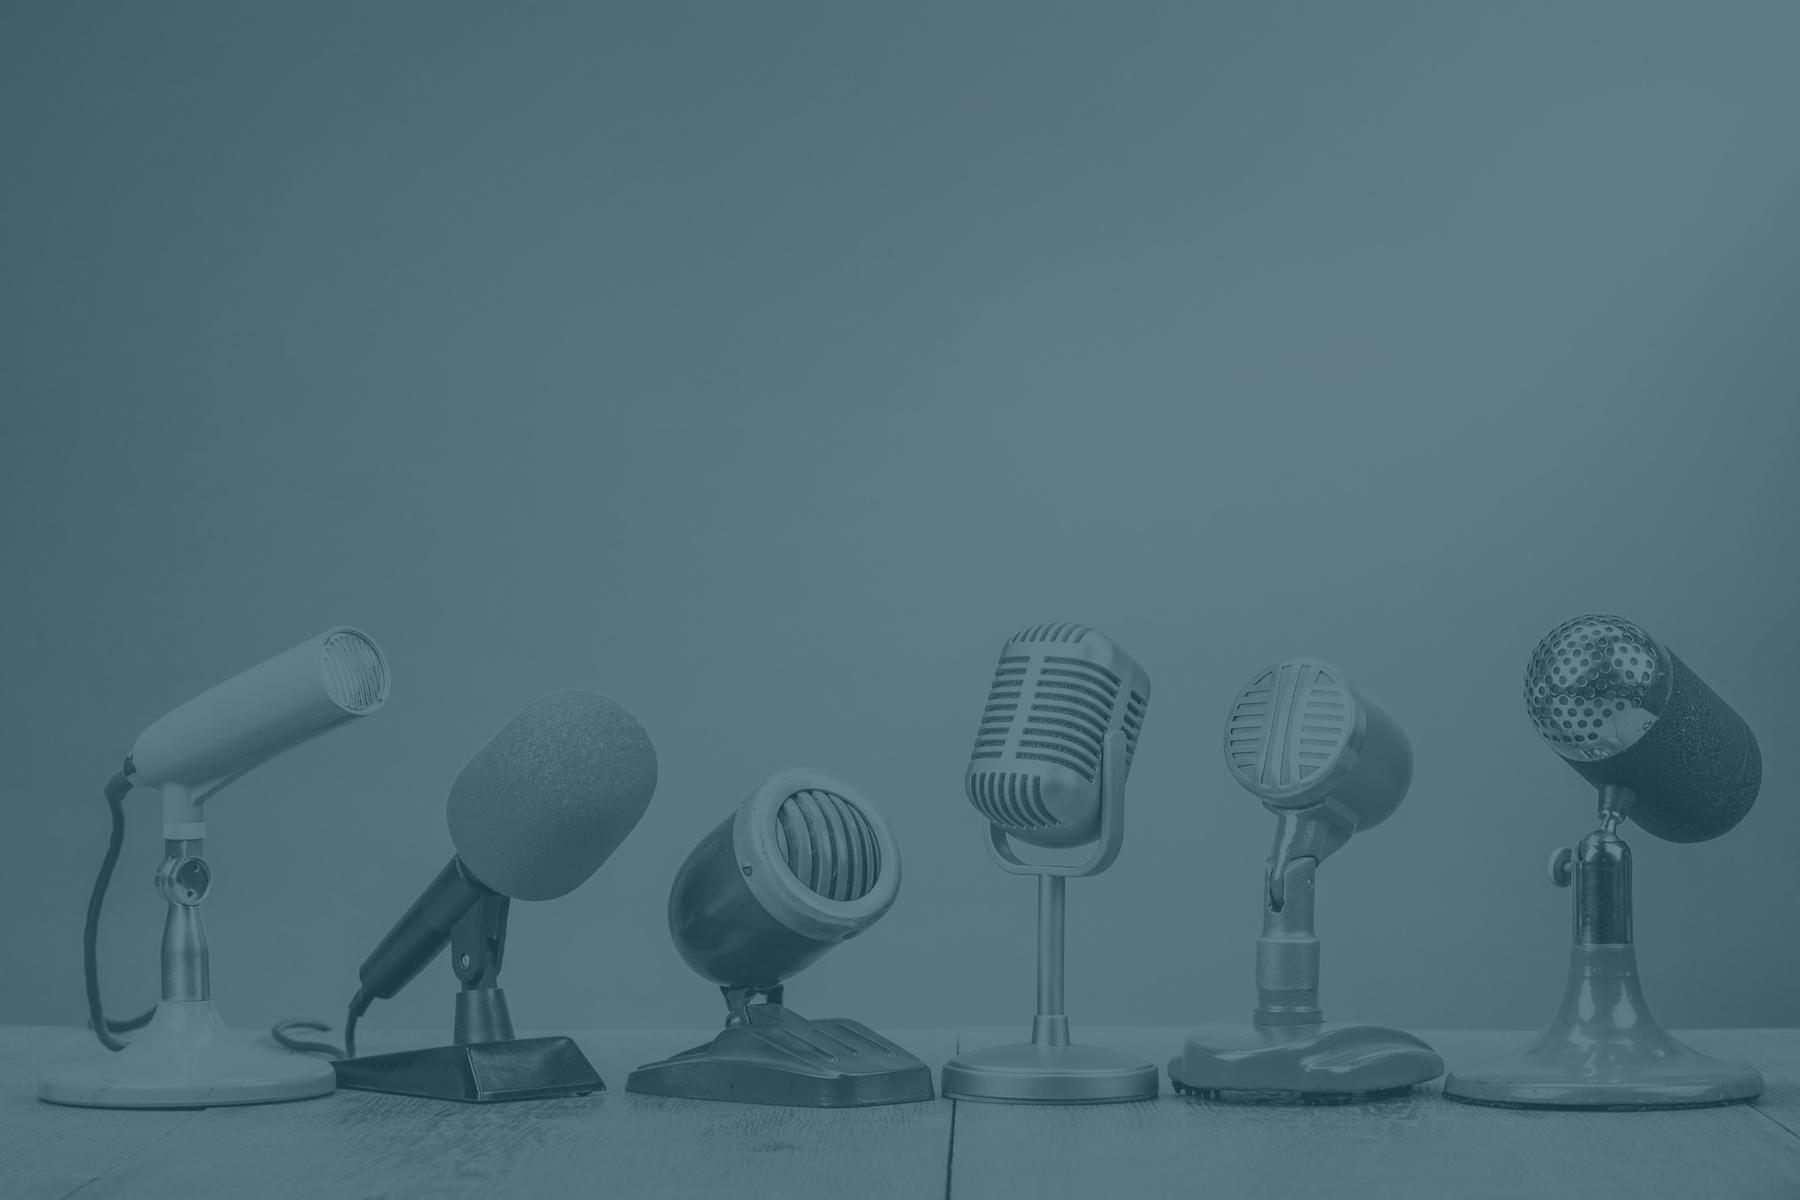 - Julkisuudessa on ajattelevien yritysjohtajien, päättäjien ja asiantuntijoiden vaje. Tehdään yhdessä parhaista ideoistasi ja näkemyksistäsi vaikuttavia viestejä, ja olet esillä siellä missä haluat.